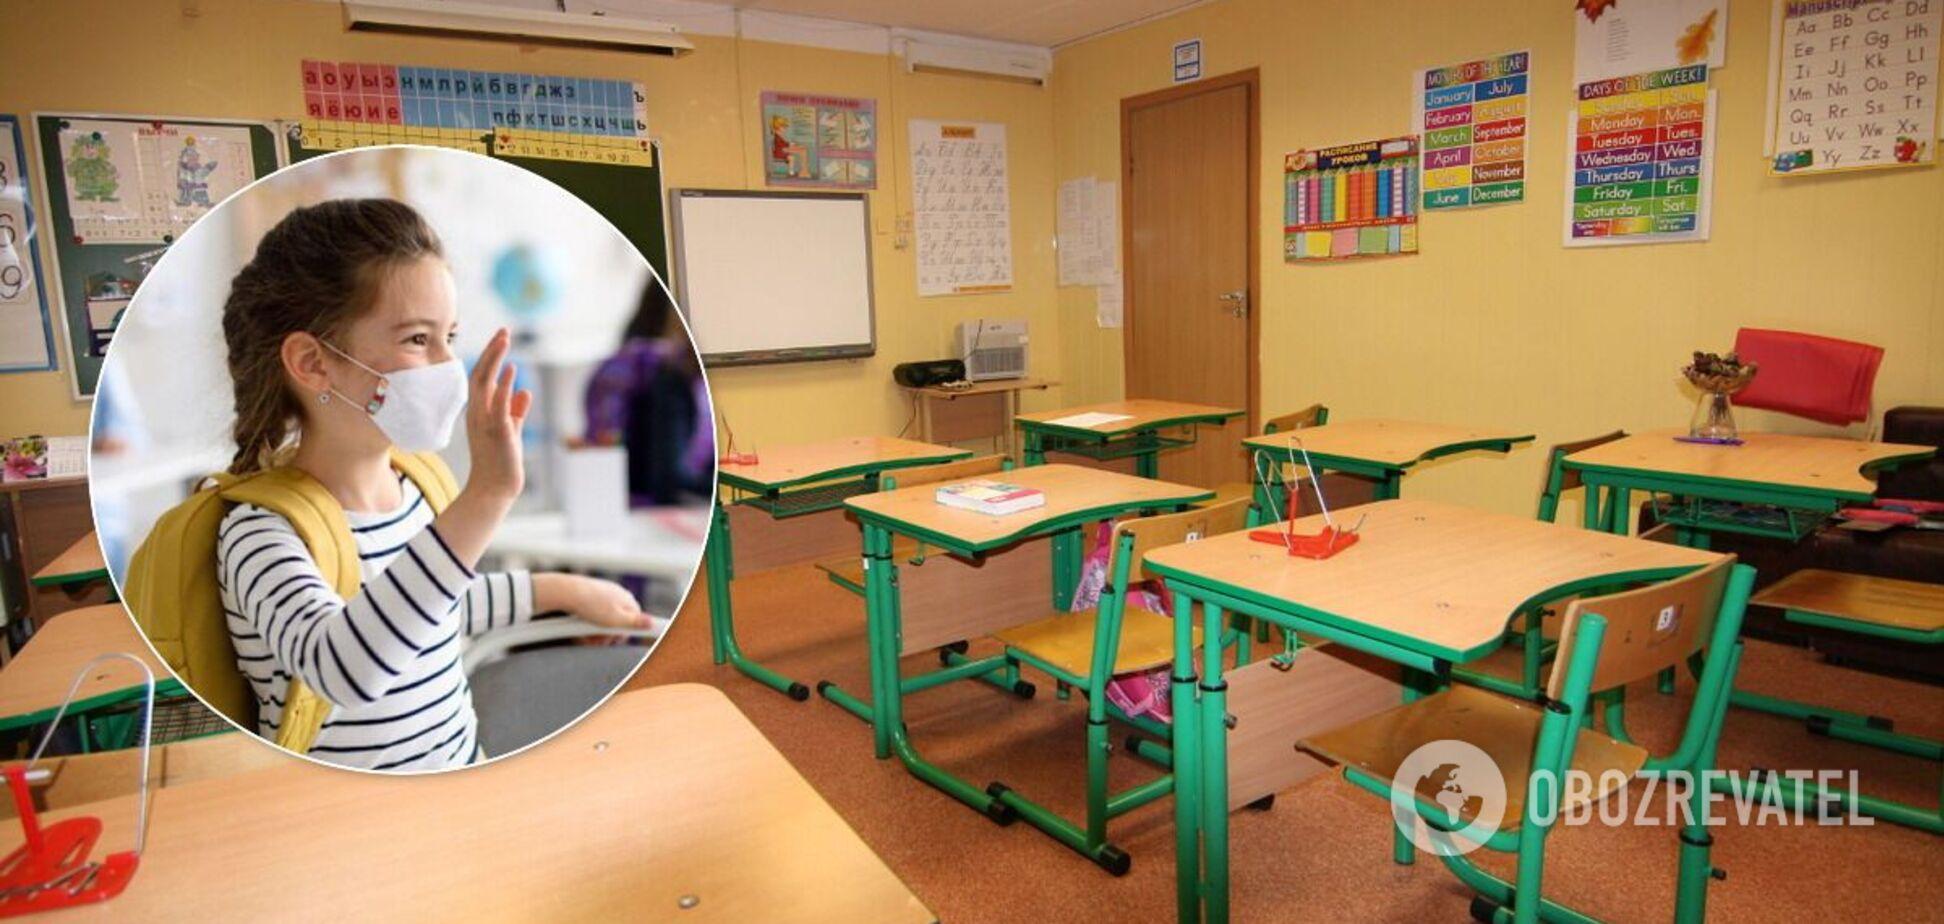 В українських школах із 1 січня заборонять продавати фастфуд